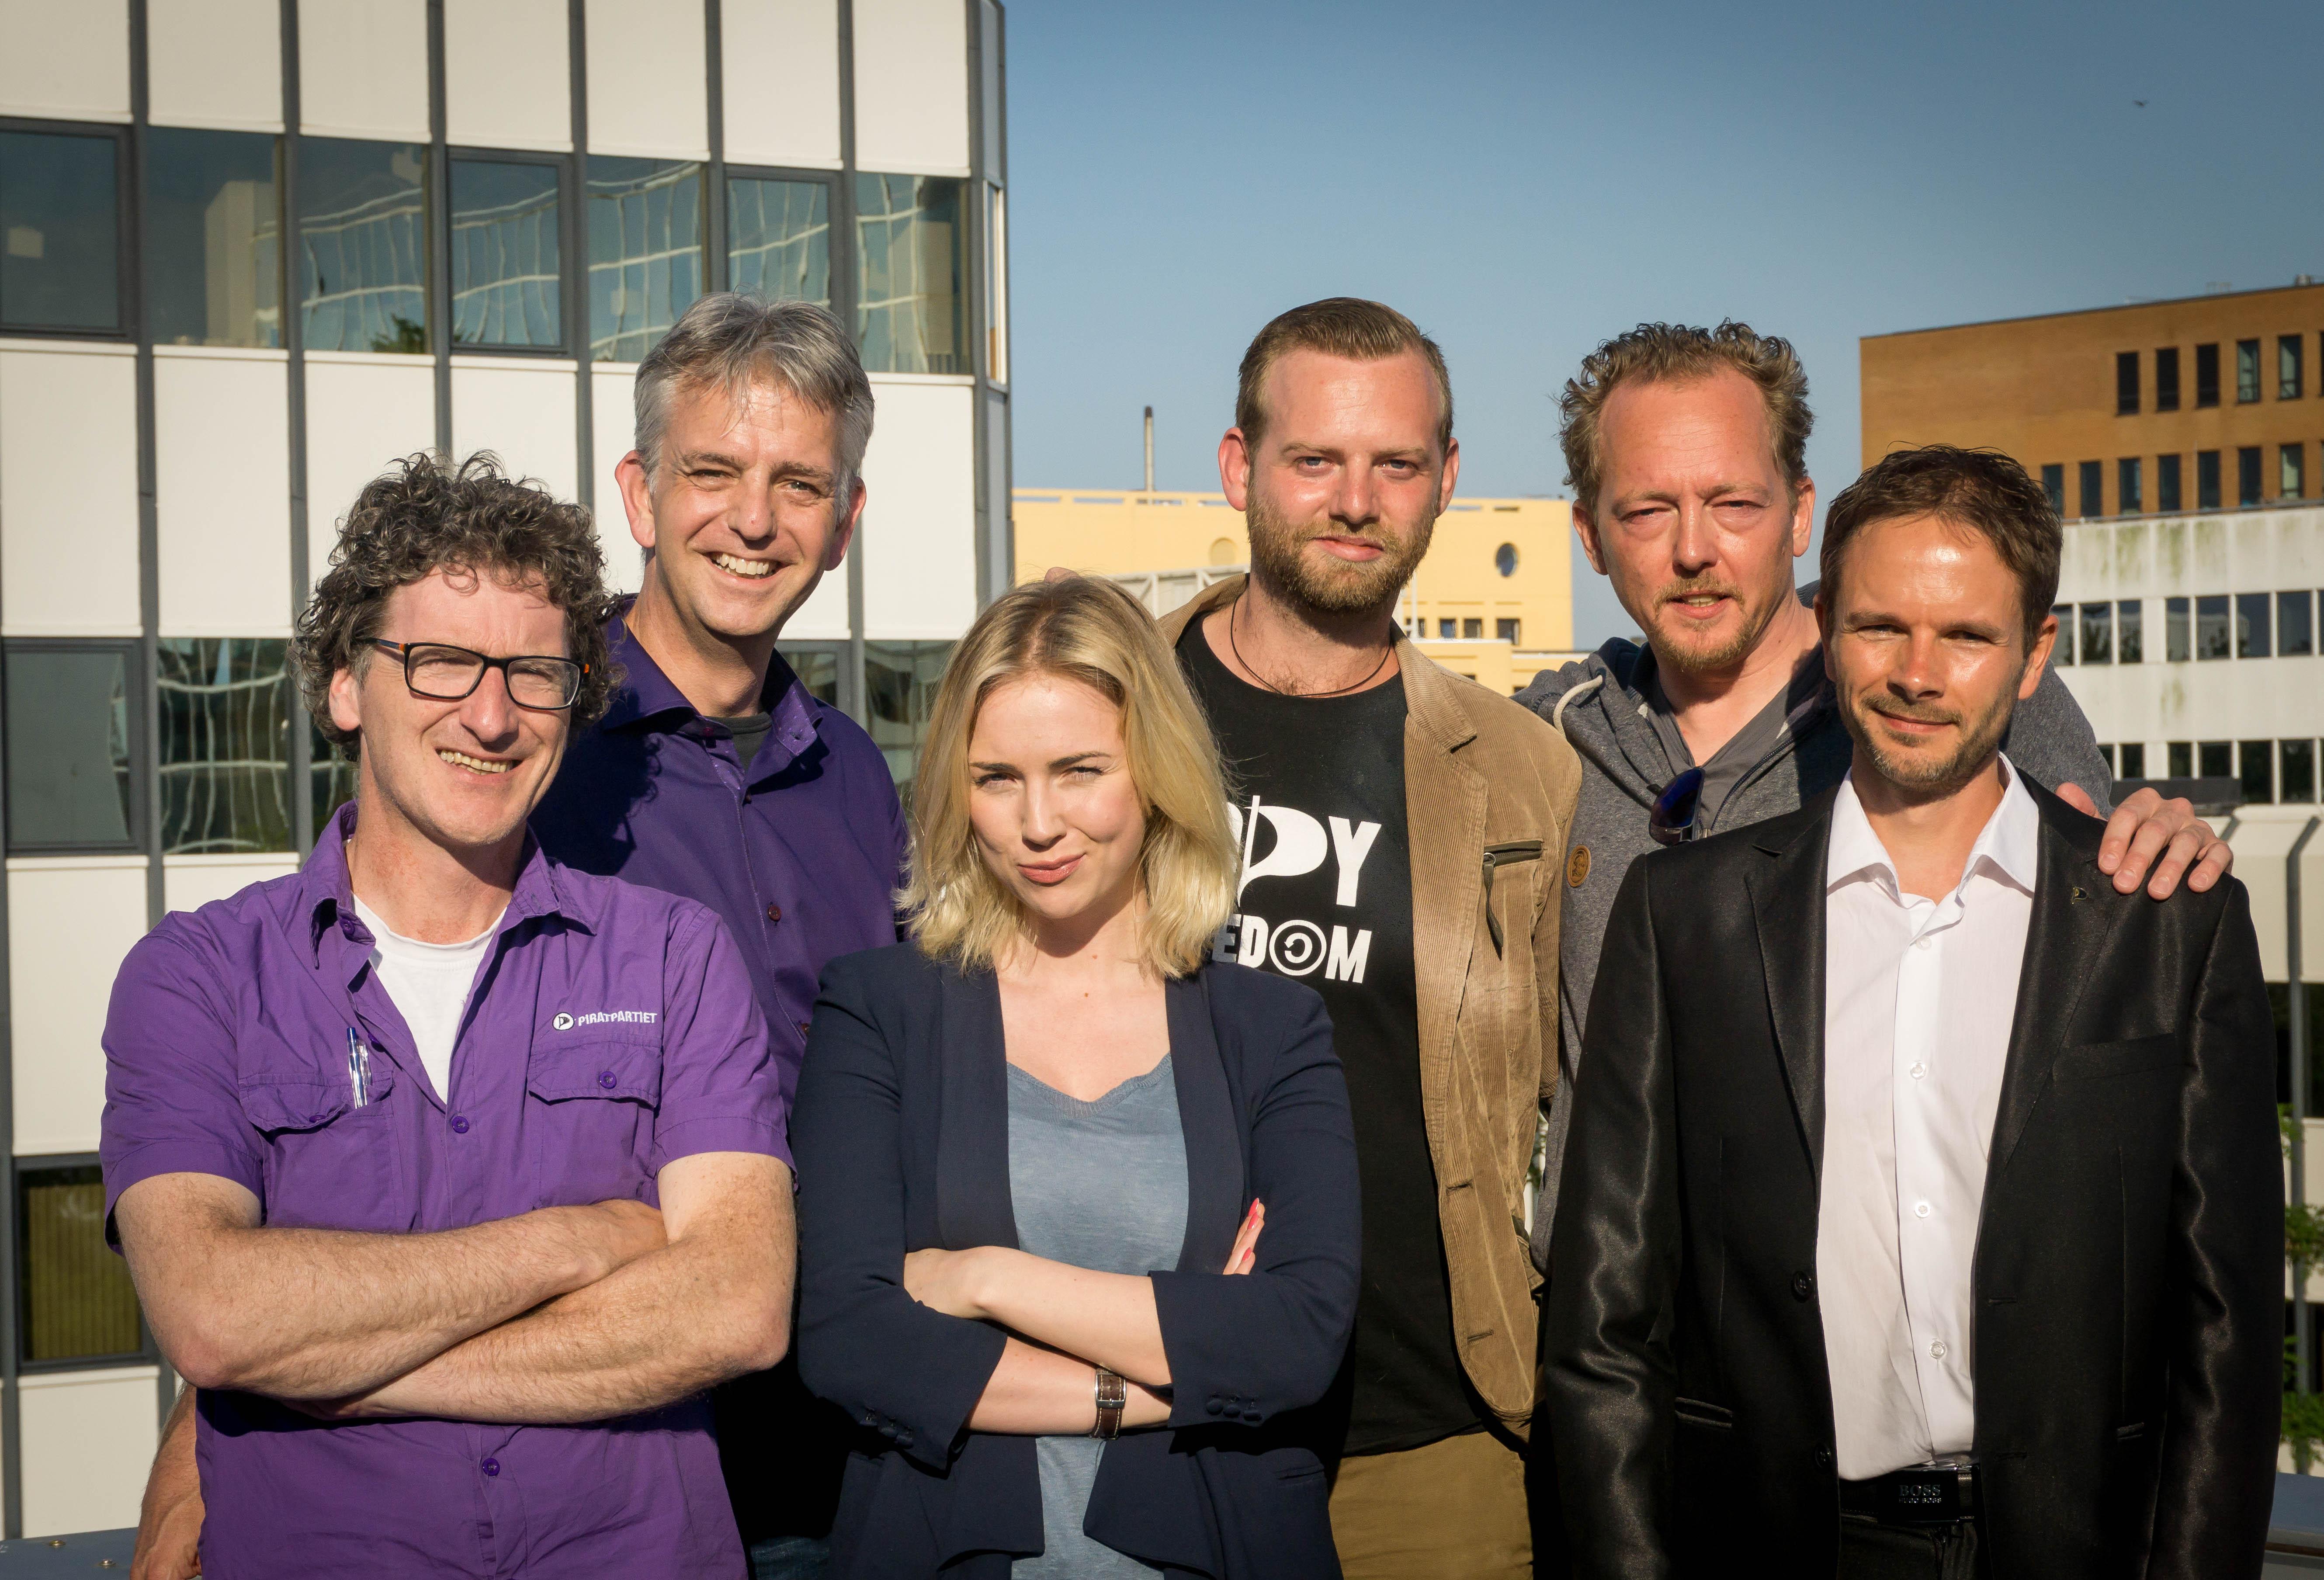 De kandidaat-lijsttrekkers (vlnr): Dirk, Rico, Ancilla, Matthijs, Bob en Janmaarten